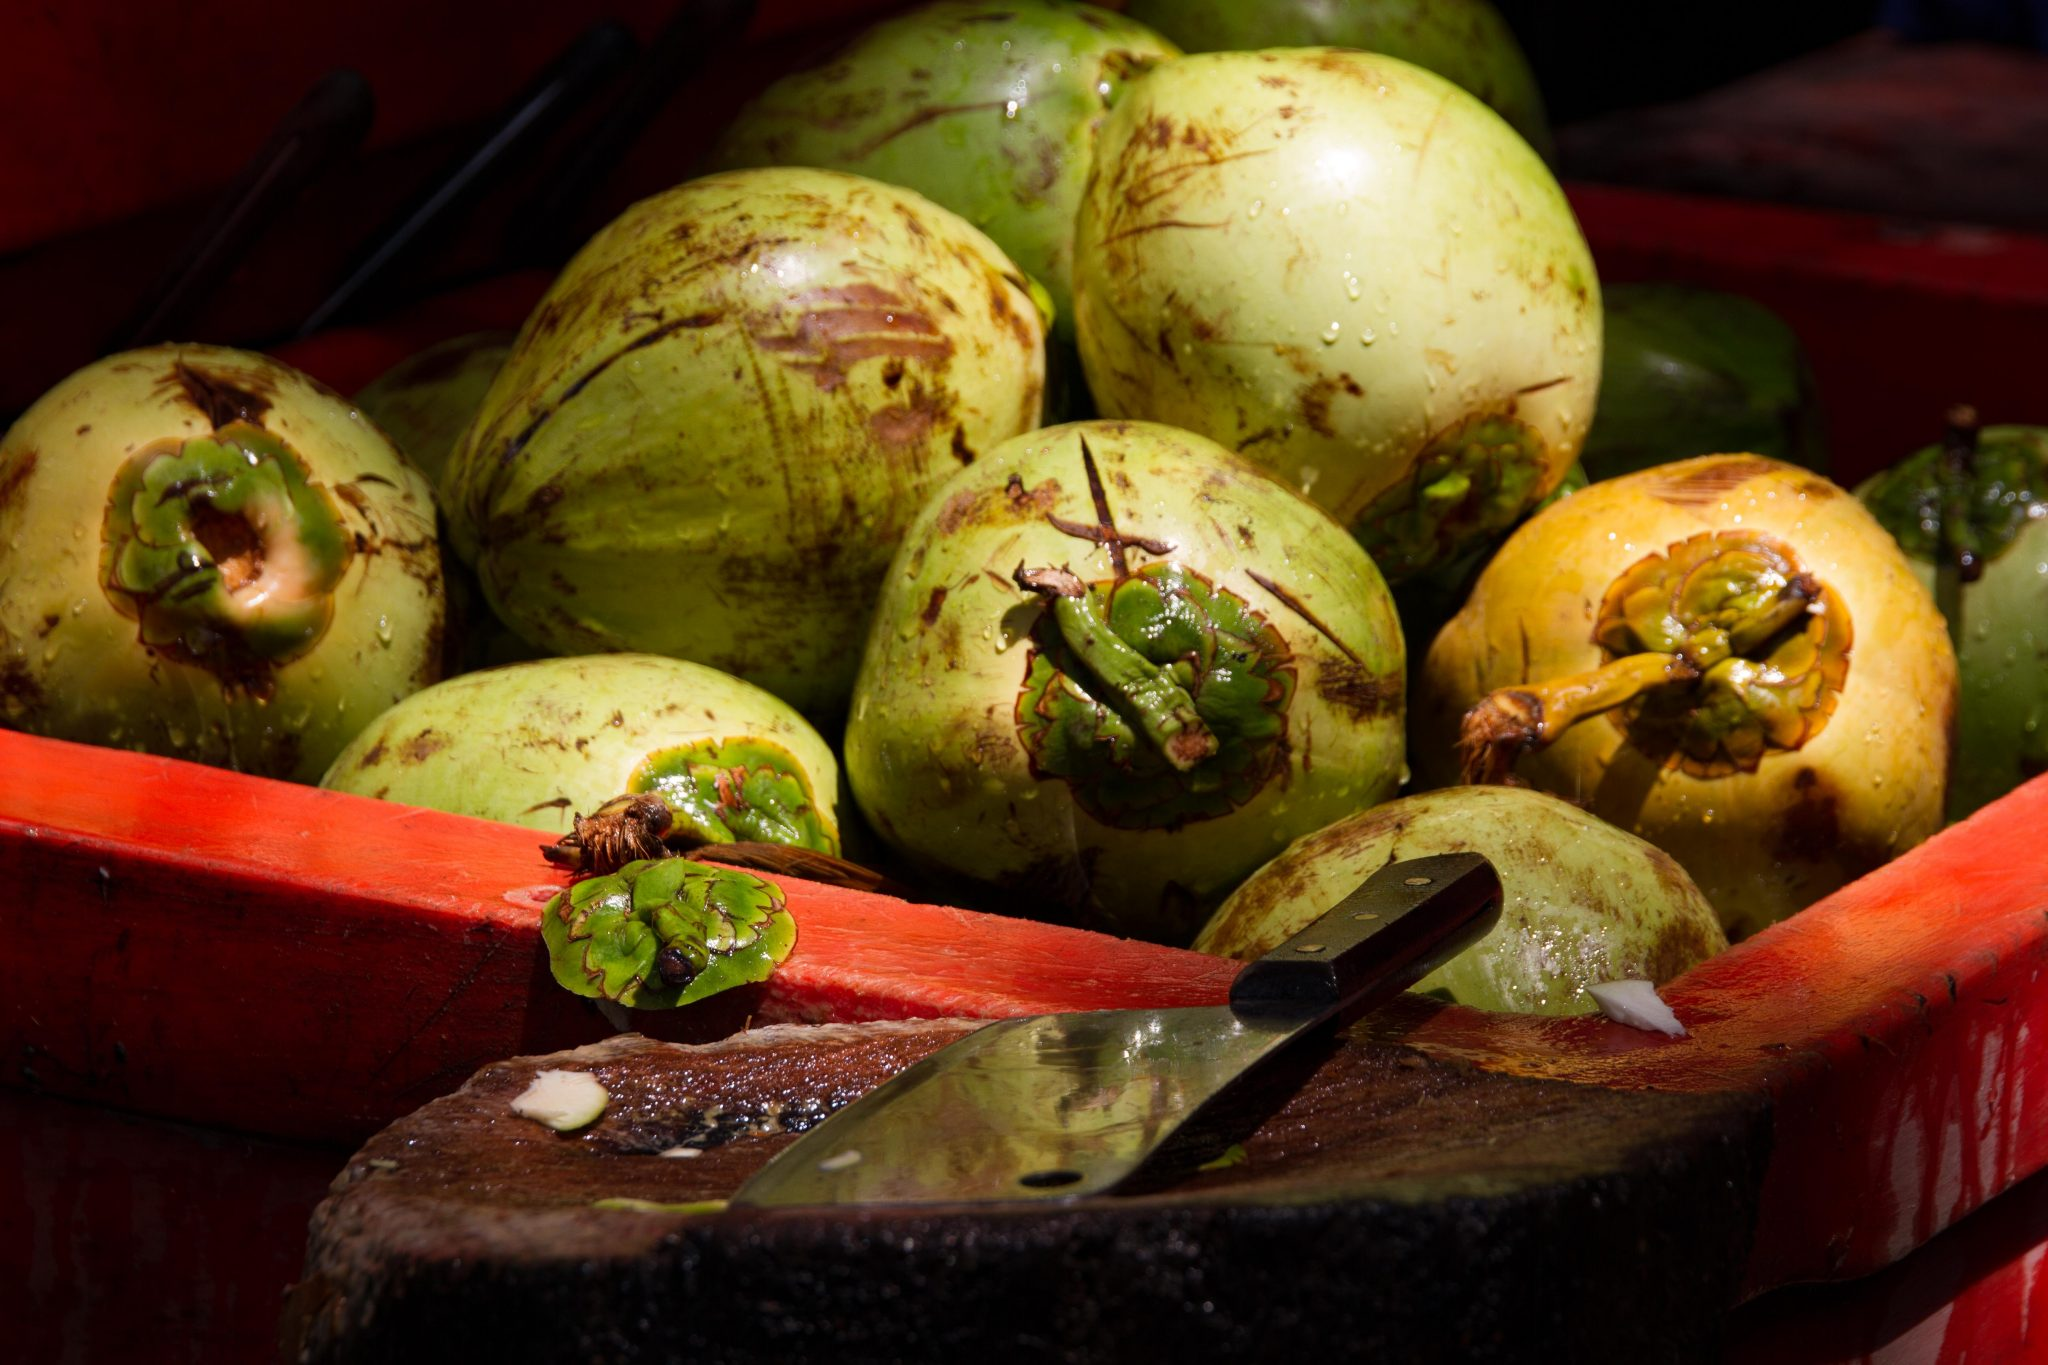 Wet Coconuts and Knife at Angkor Wat